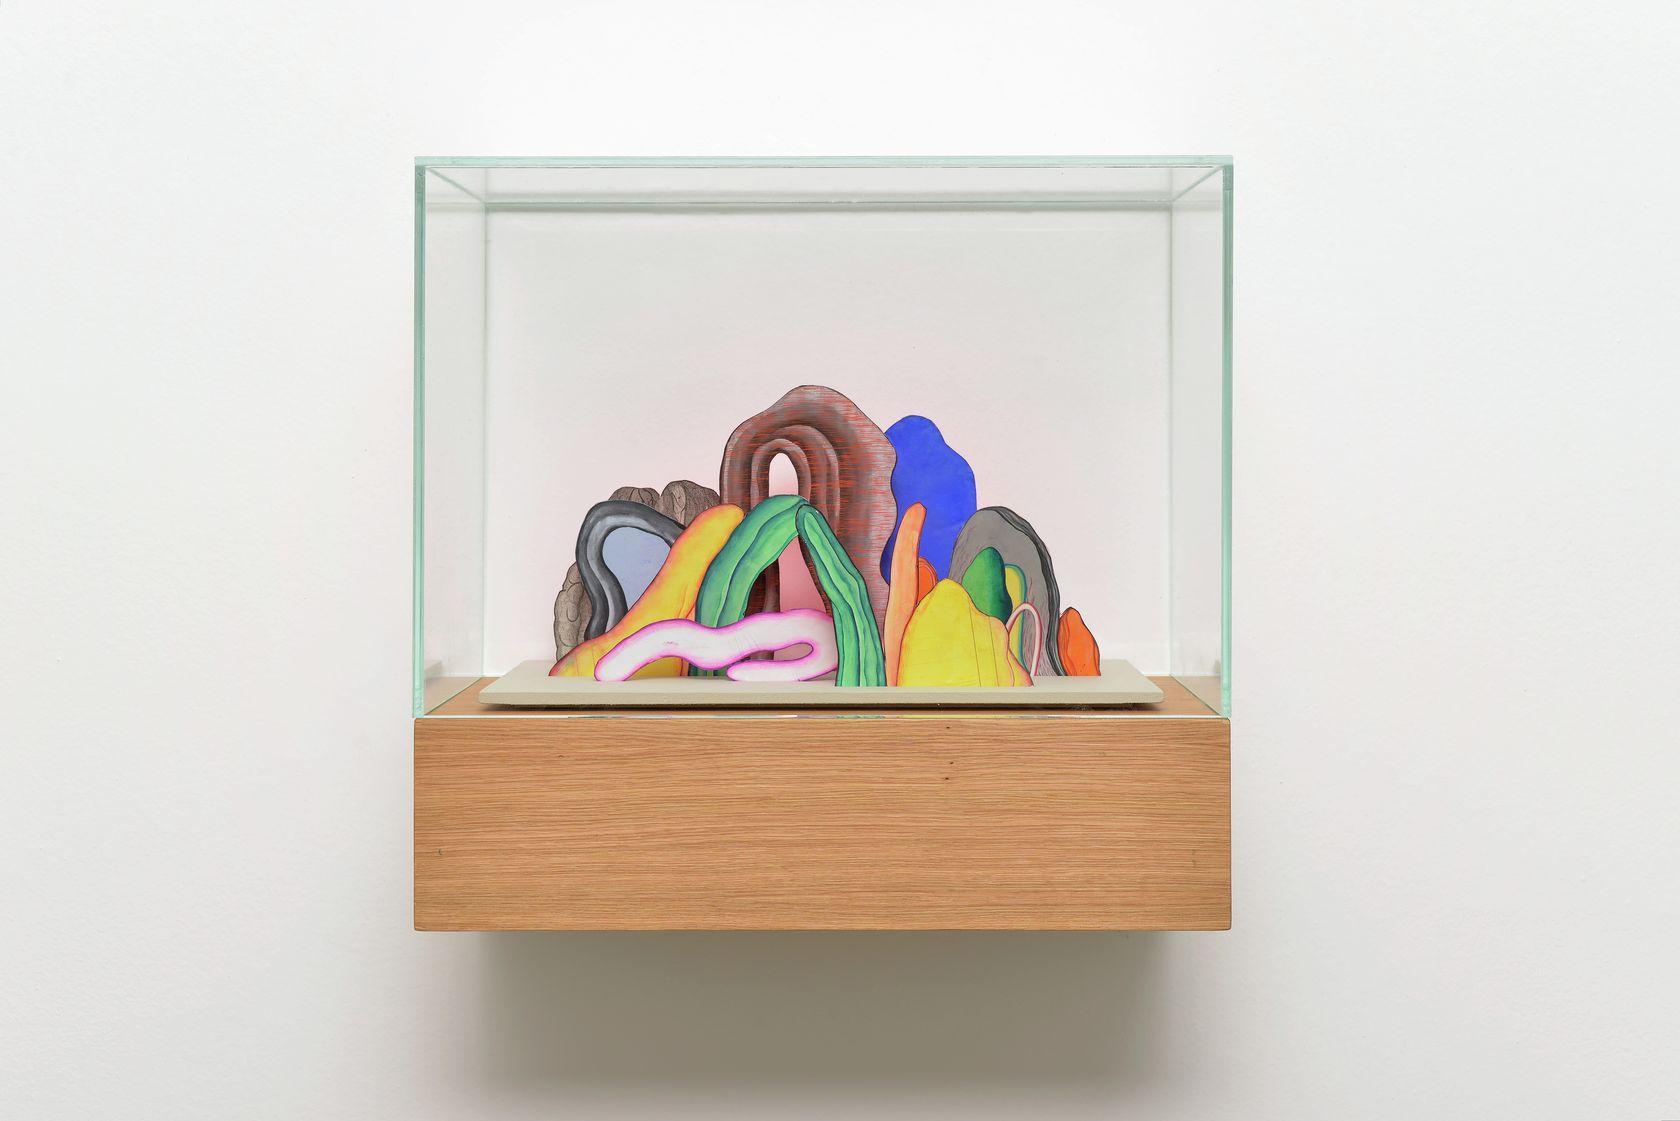 Guillaume Dégé, Sans titre, 2017 Vitrine en chêne et capot de verre, gouache sur papier XVIIIe contrecollé sur carton47.5 × 50 × 25 cm / 18 6/8 × 19 5/8 × 9 7/8 in.